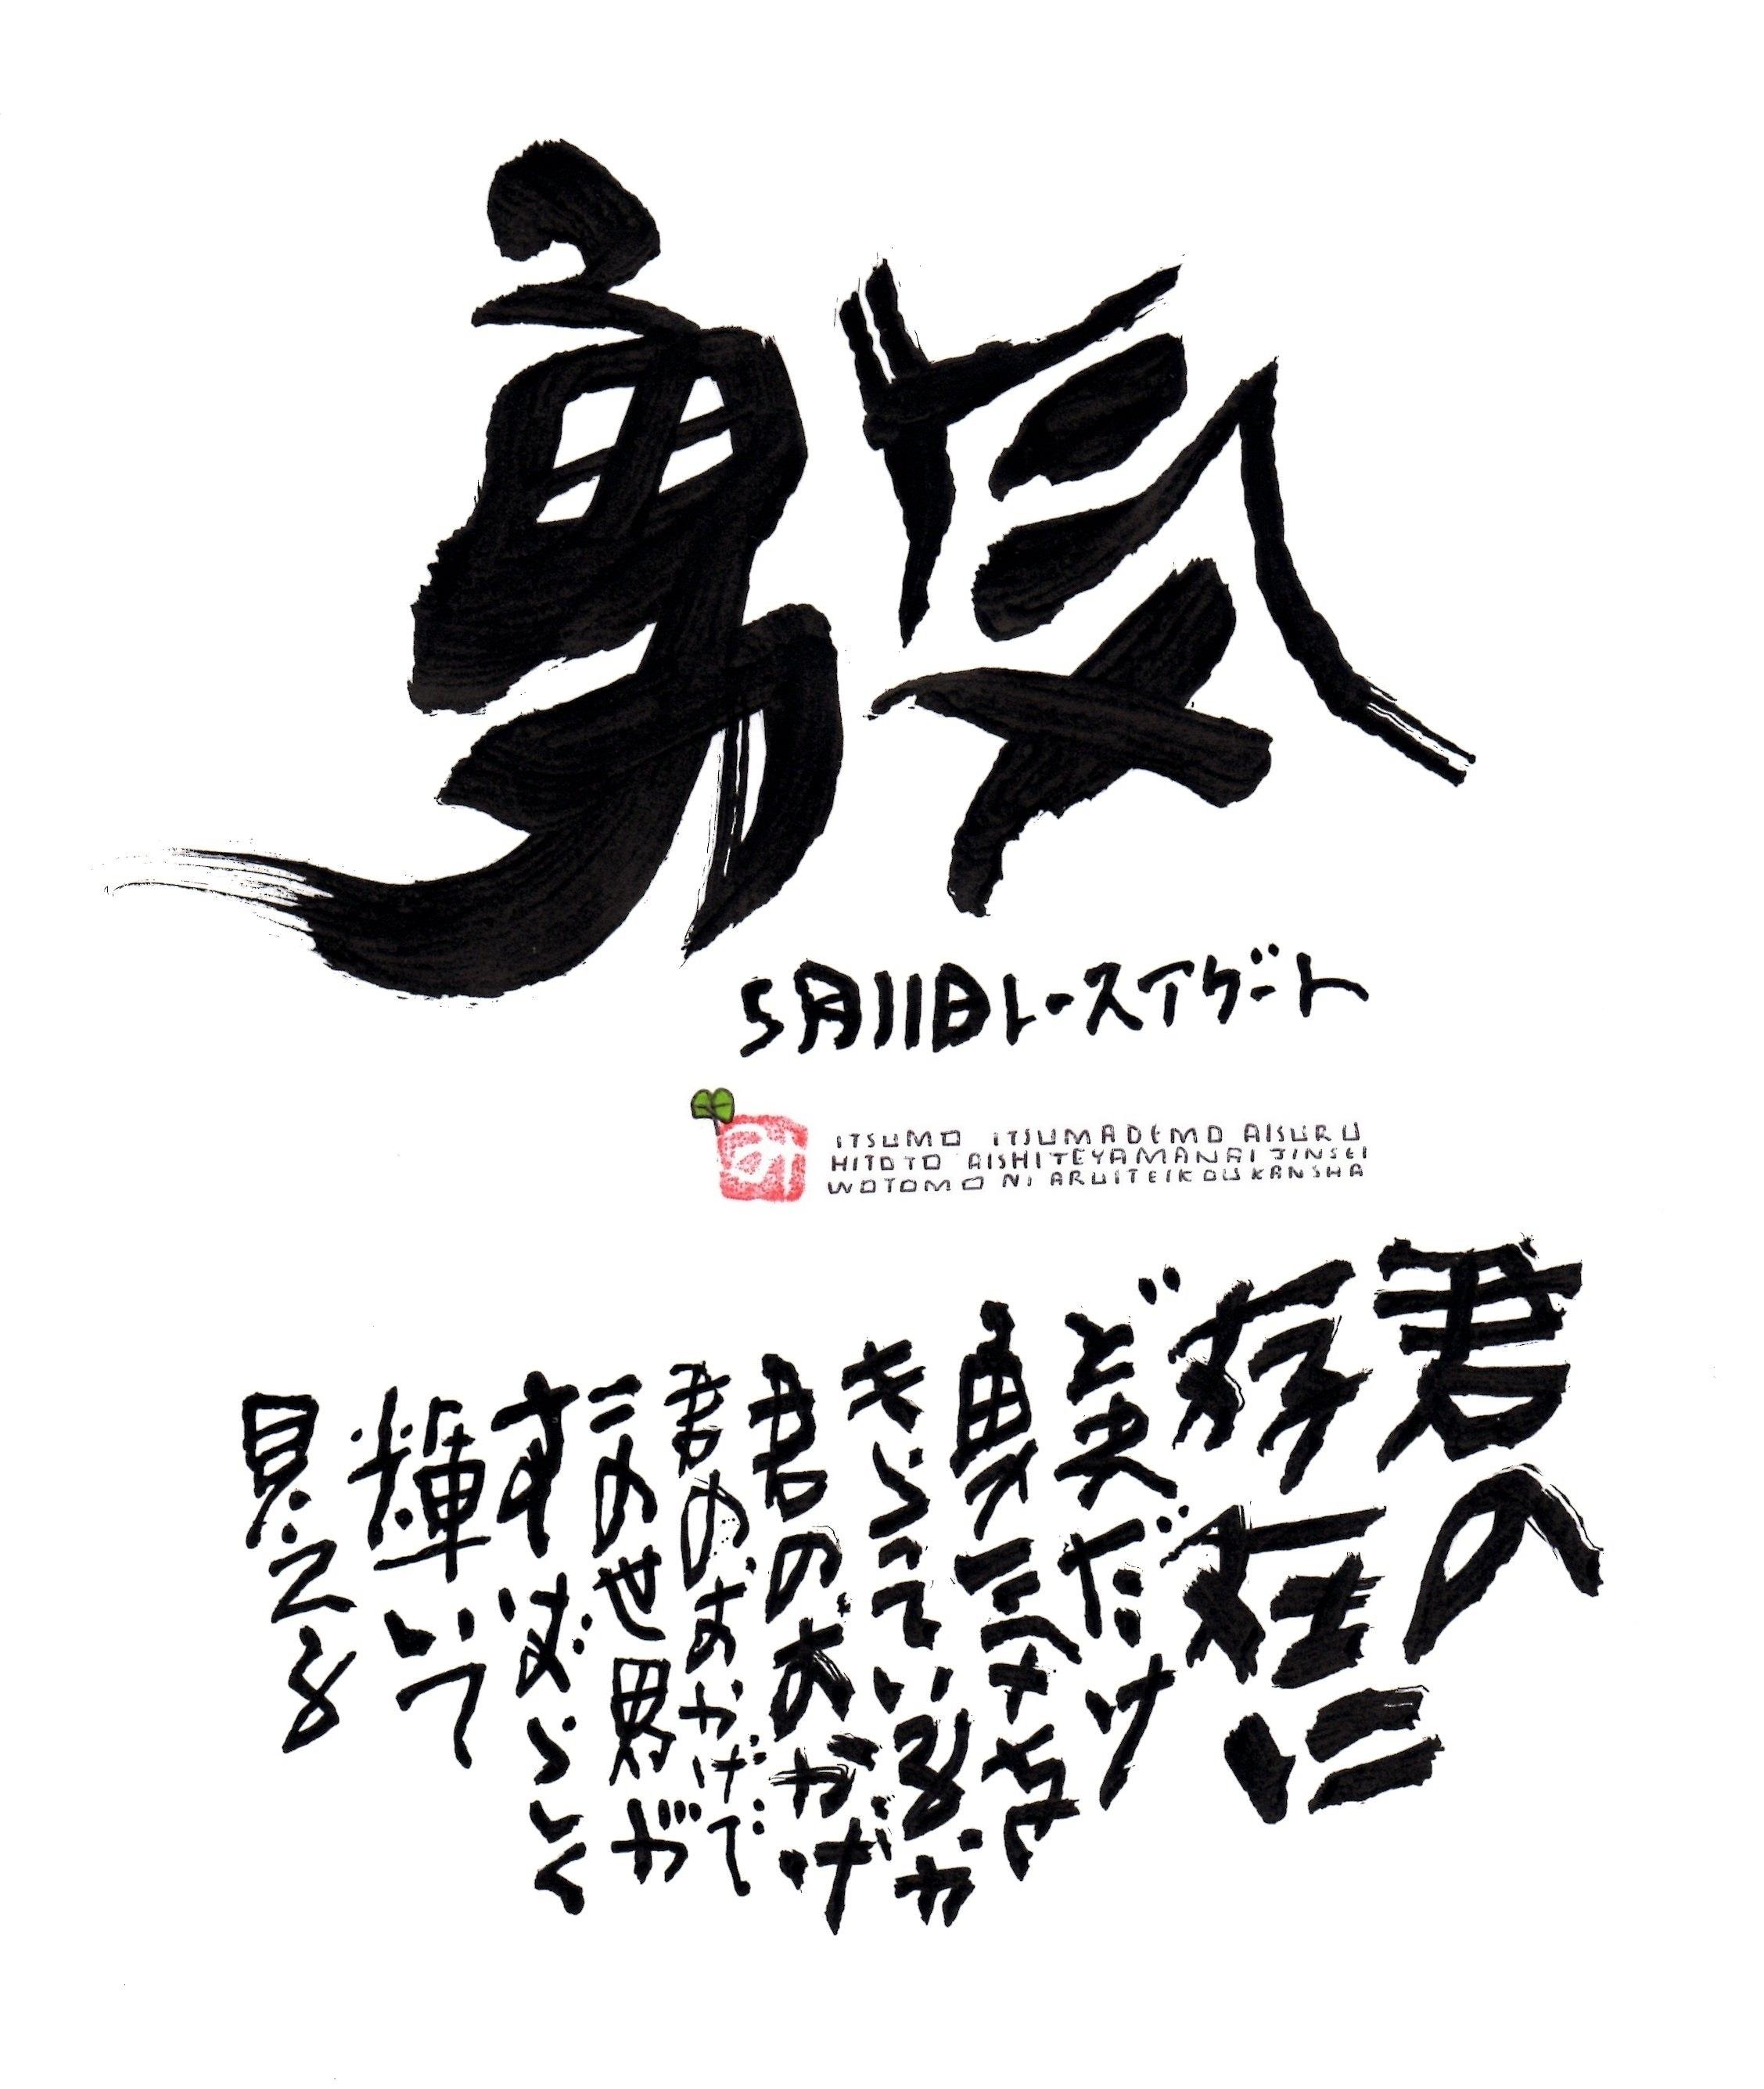 5月11日 結婚記念日ポストカード【勇気】